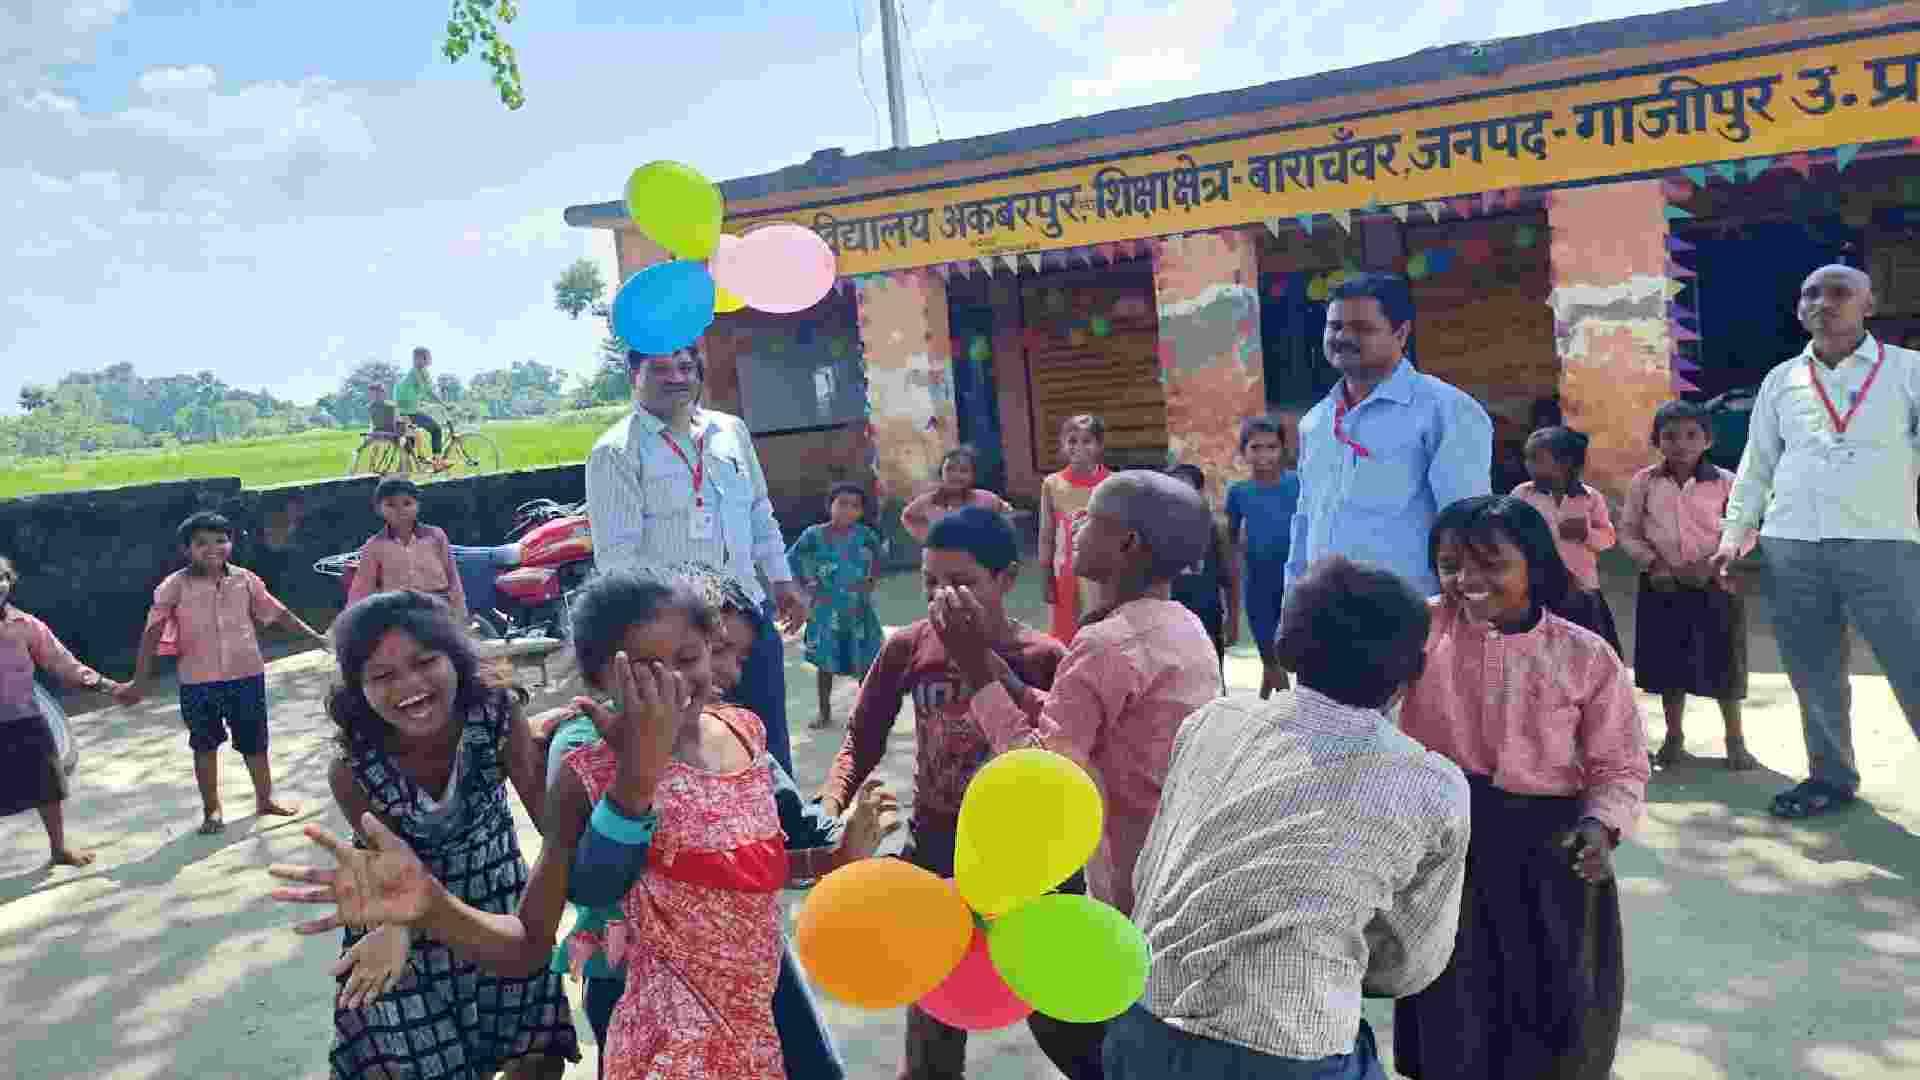 खुल गये विद्यालय बच्चों के चेहरों पर दिखी खुशियां